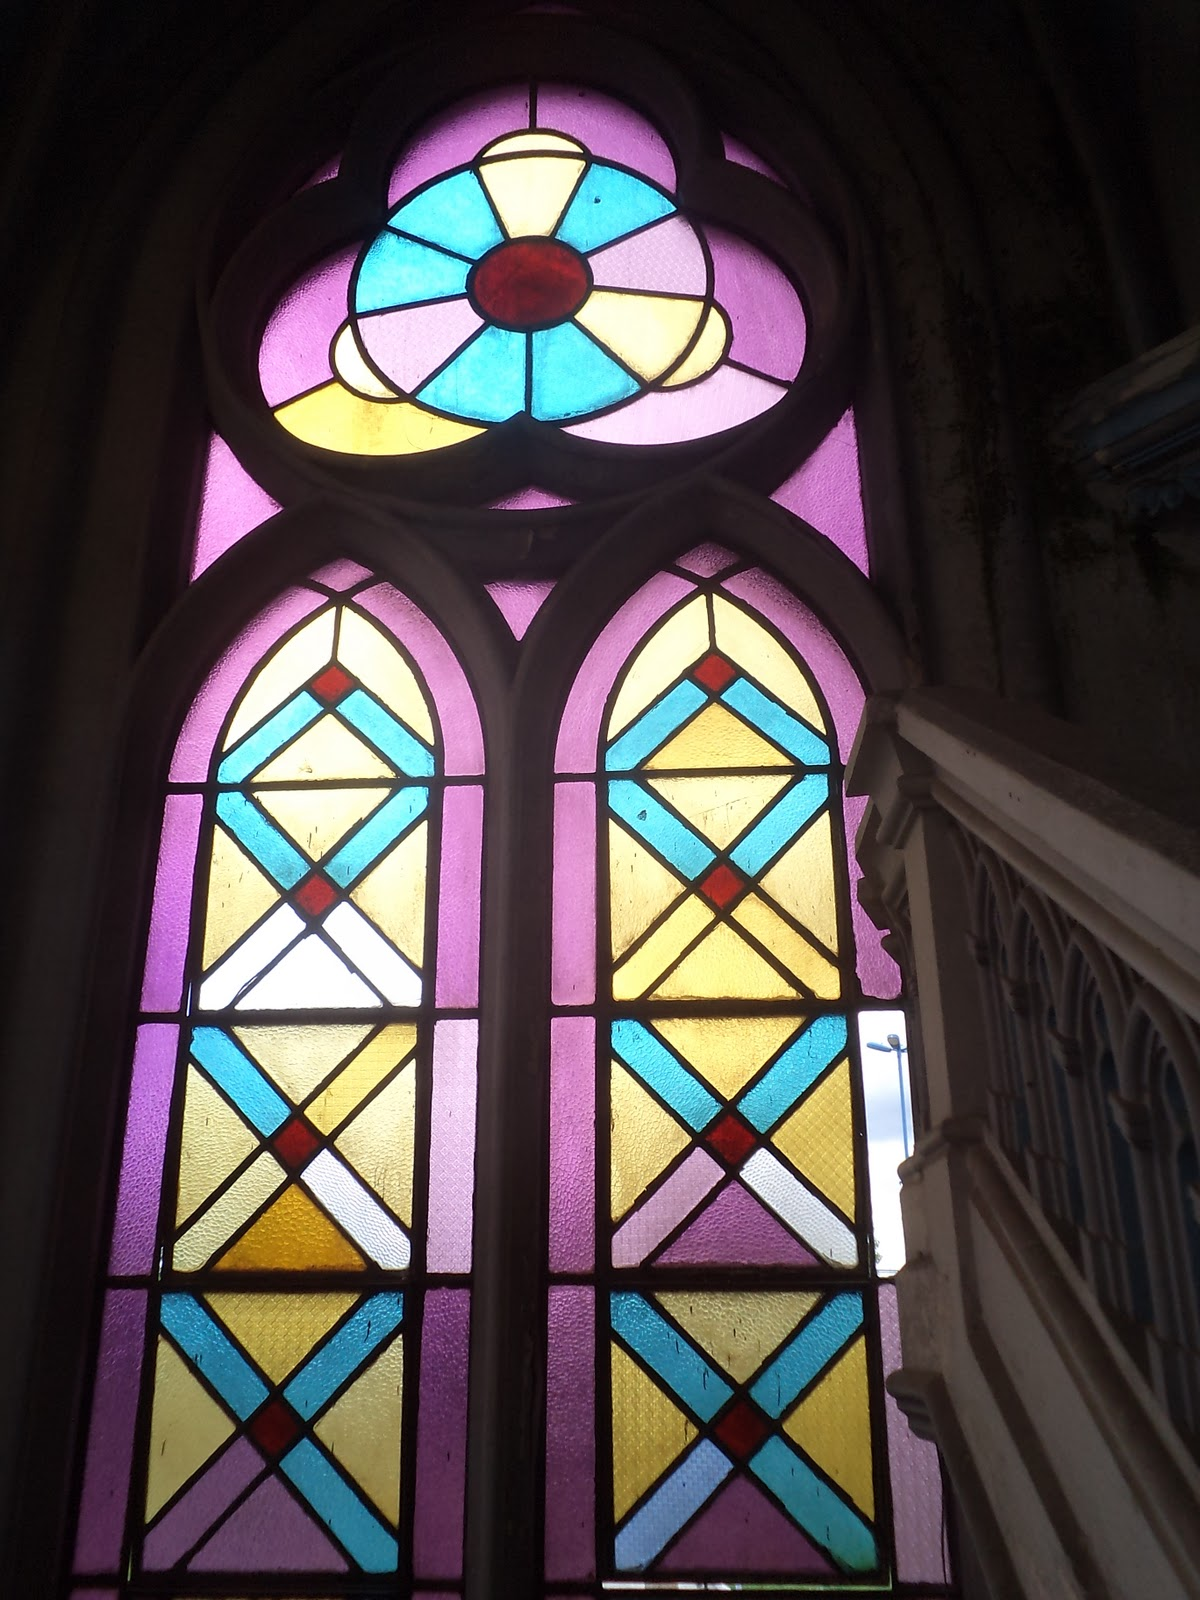 #0CB3BF Detalhe das janelas com seus vitrais em formas geométricas simples  570 Janelas Em Arco Pleno